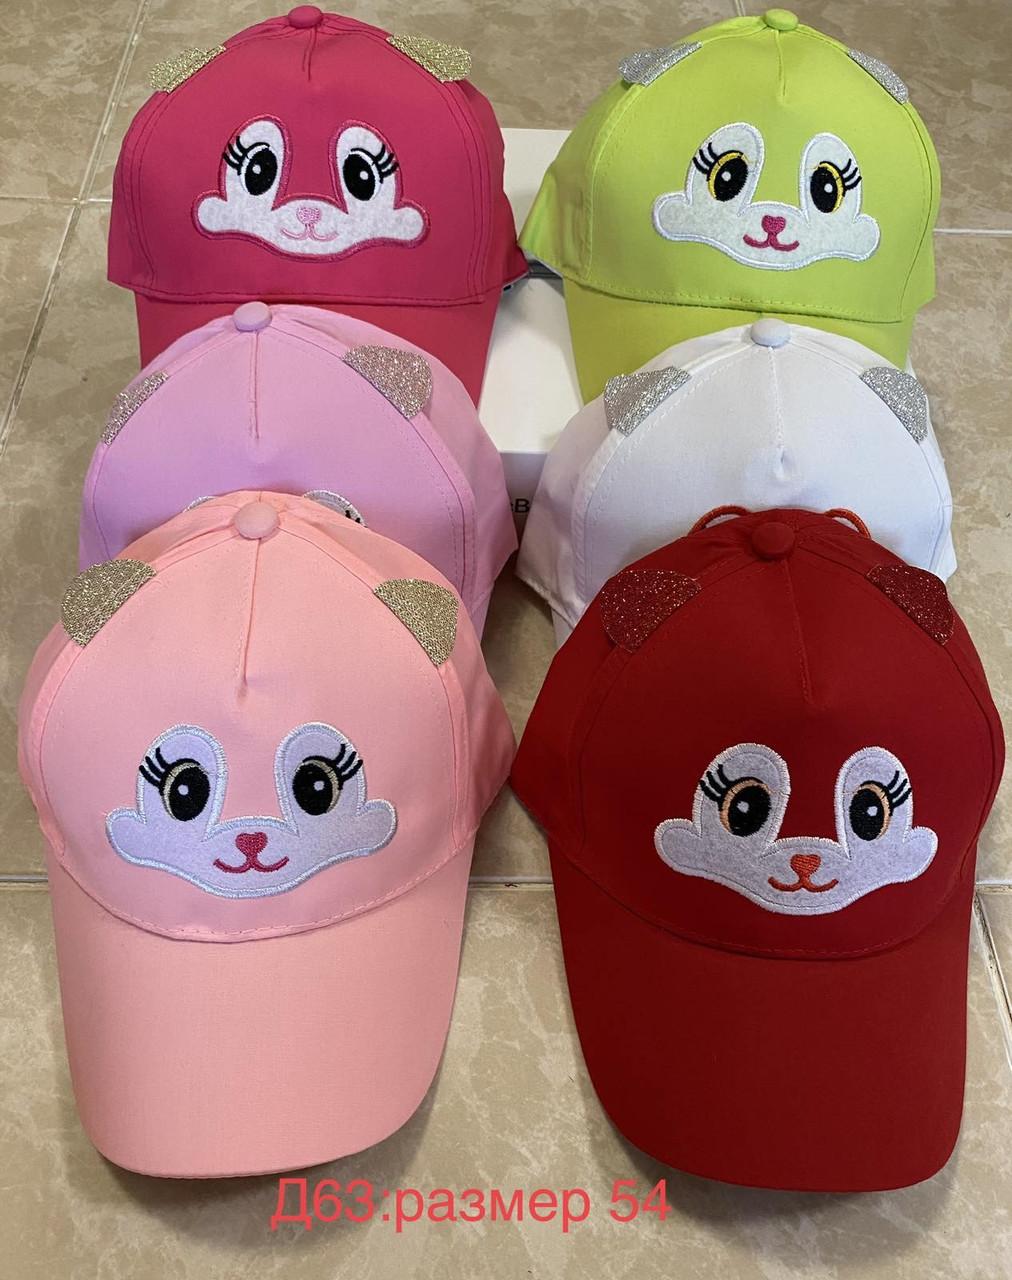 Кепка для дівчаток р-н 54 (різні кольори) оптом недорого. Одеса.